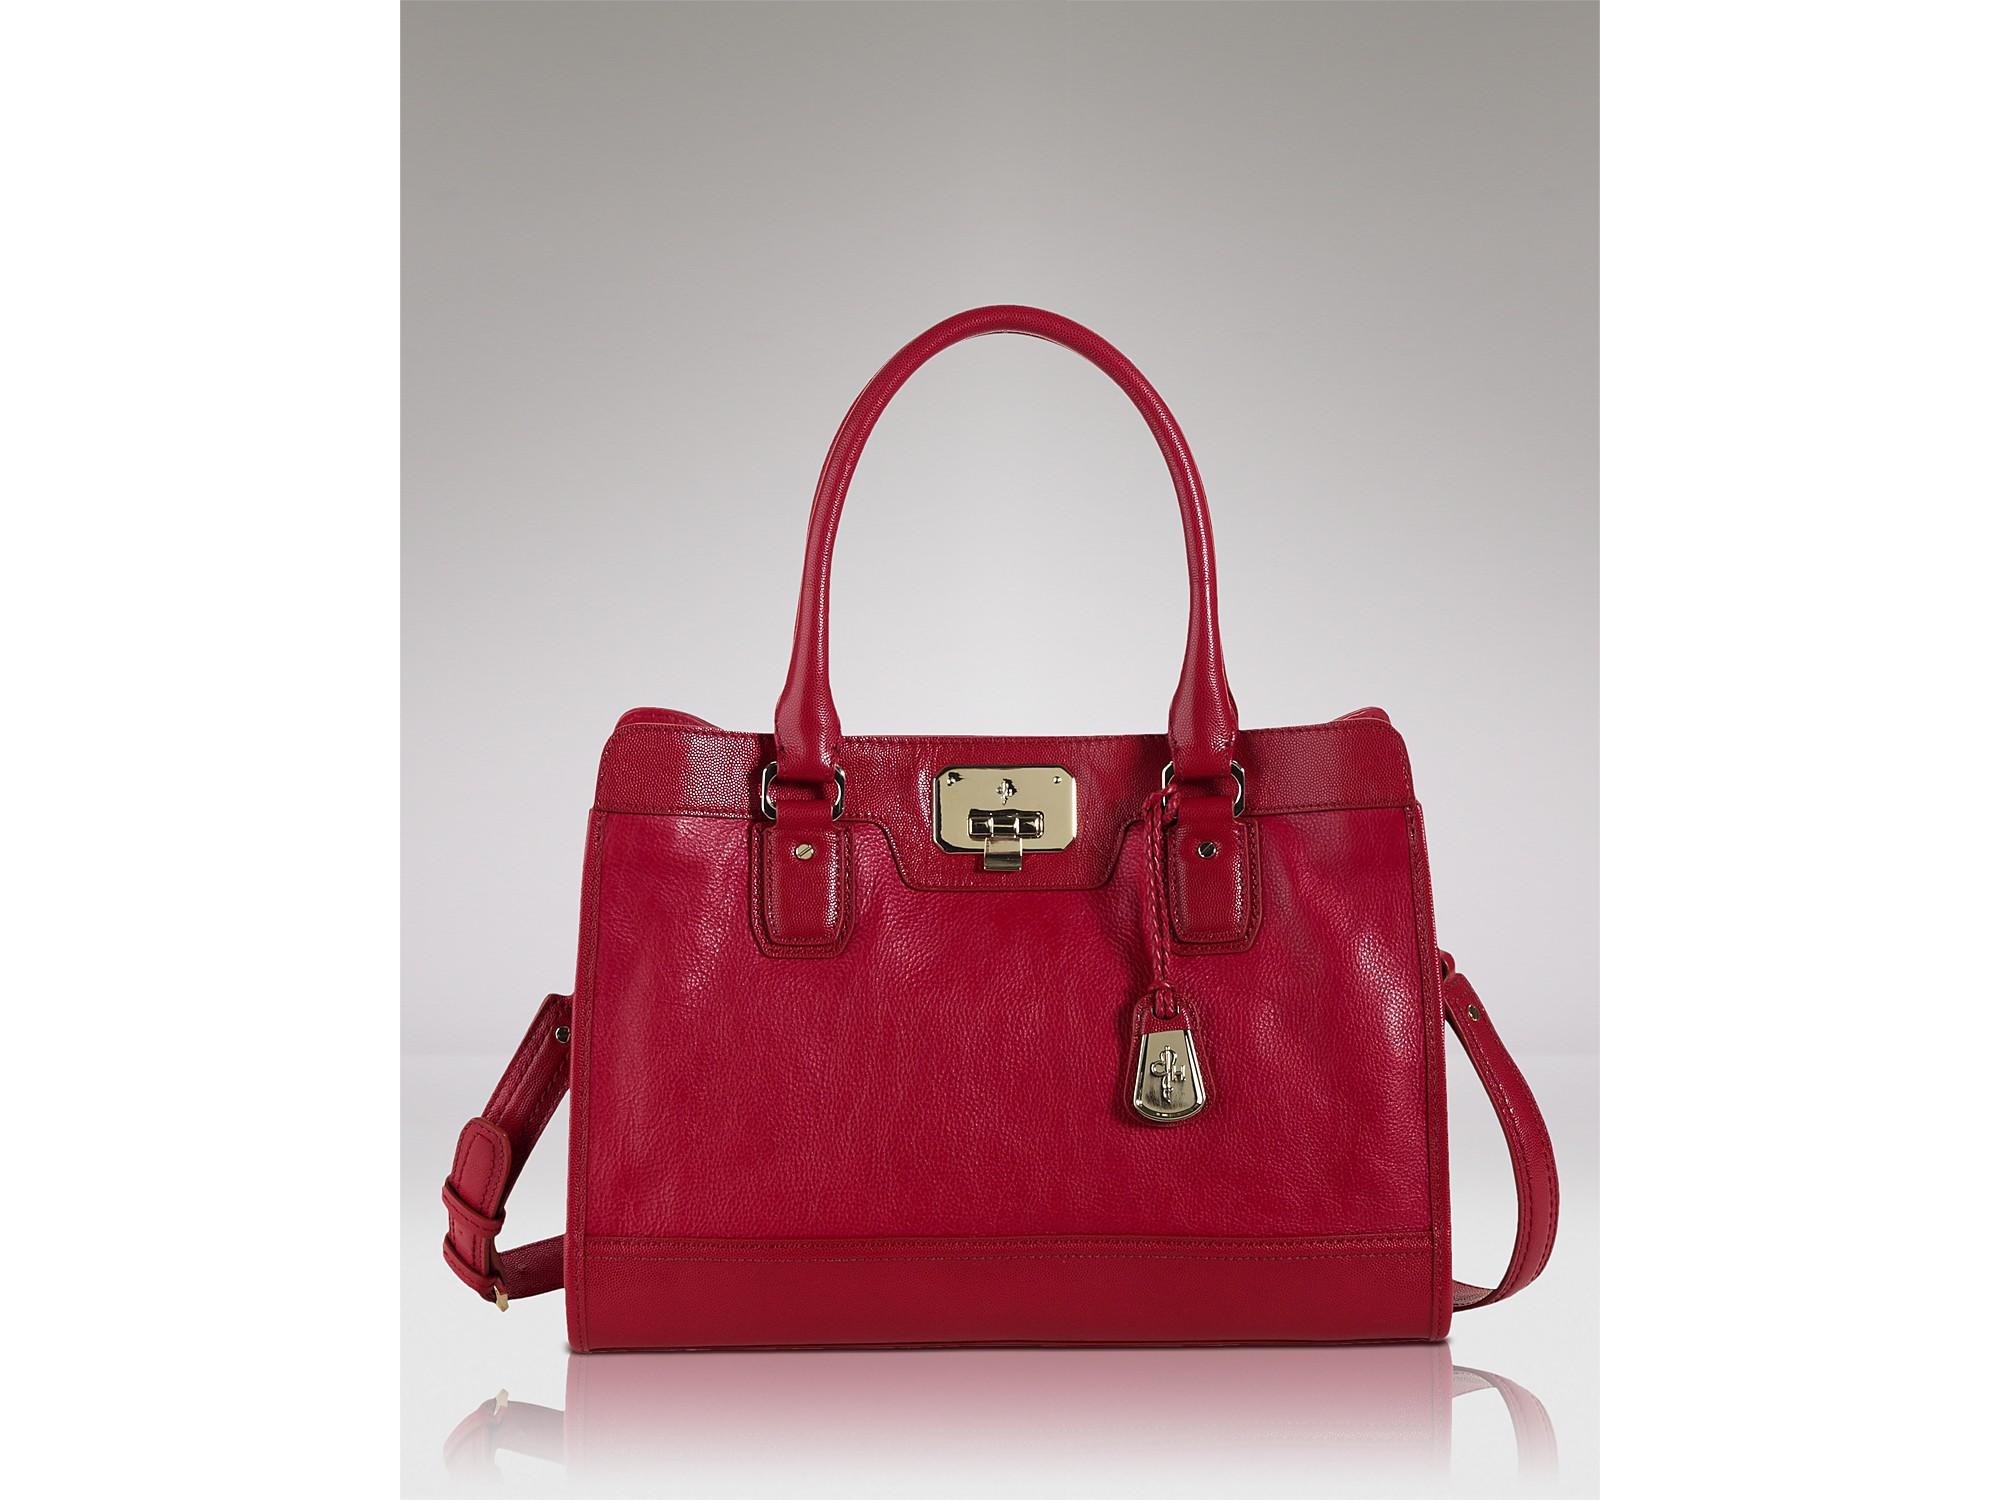 Cole Haan Handbag Vintage Valise in Burnt Orange (Red) - Lyst